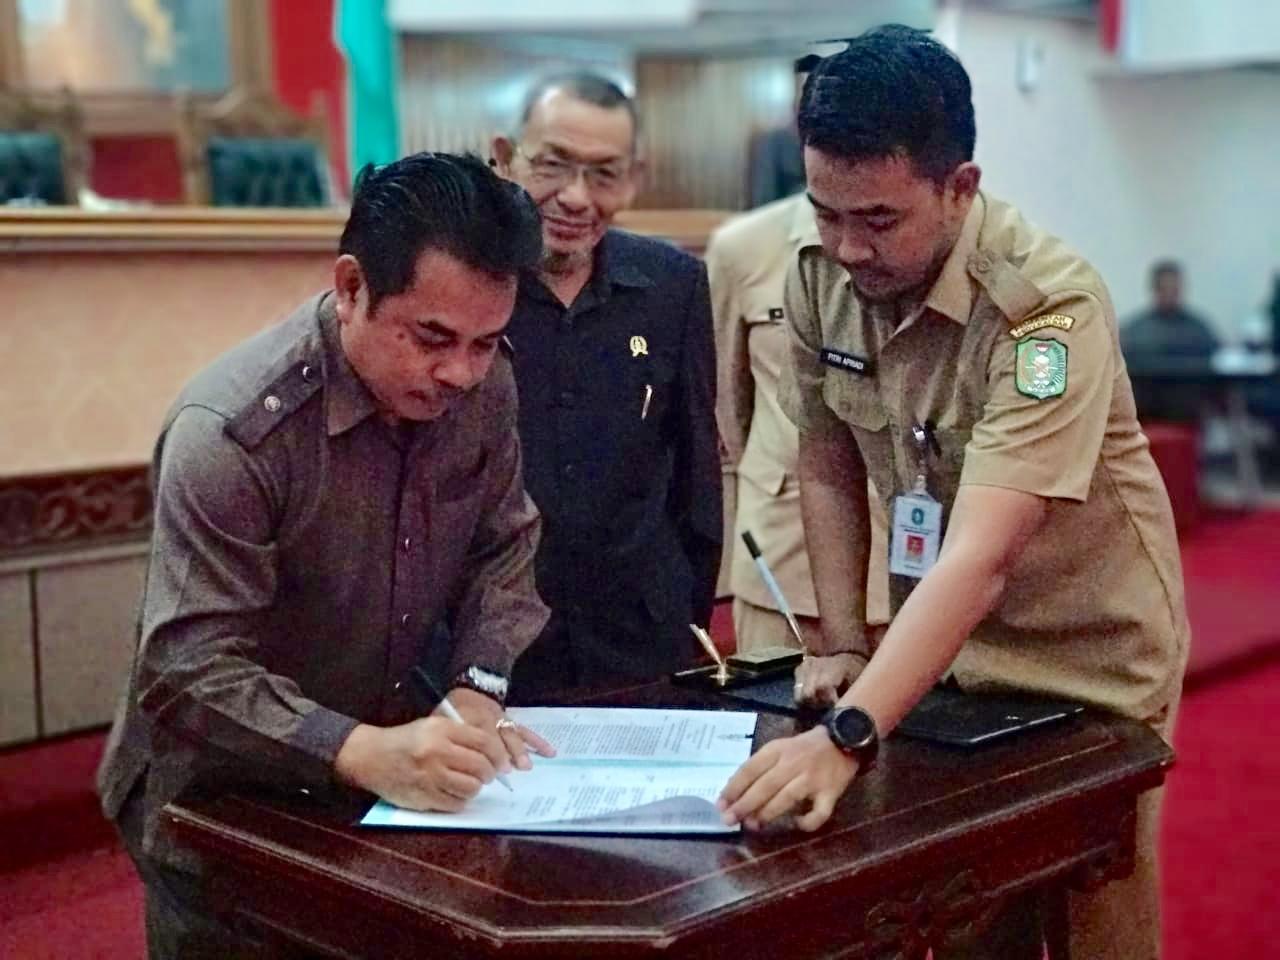 Pimpinan Sementara, Minsen menandatangani berkas penetapan Pimpinan Definitif DPRD Provinsi Kalbar, di Balairungsari DPRD Kalbar, Senin (14/10/2019).